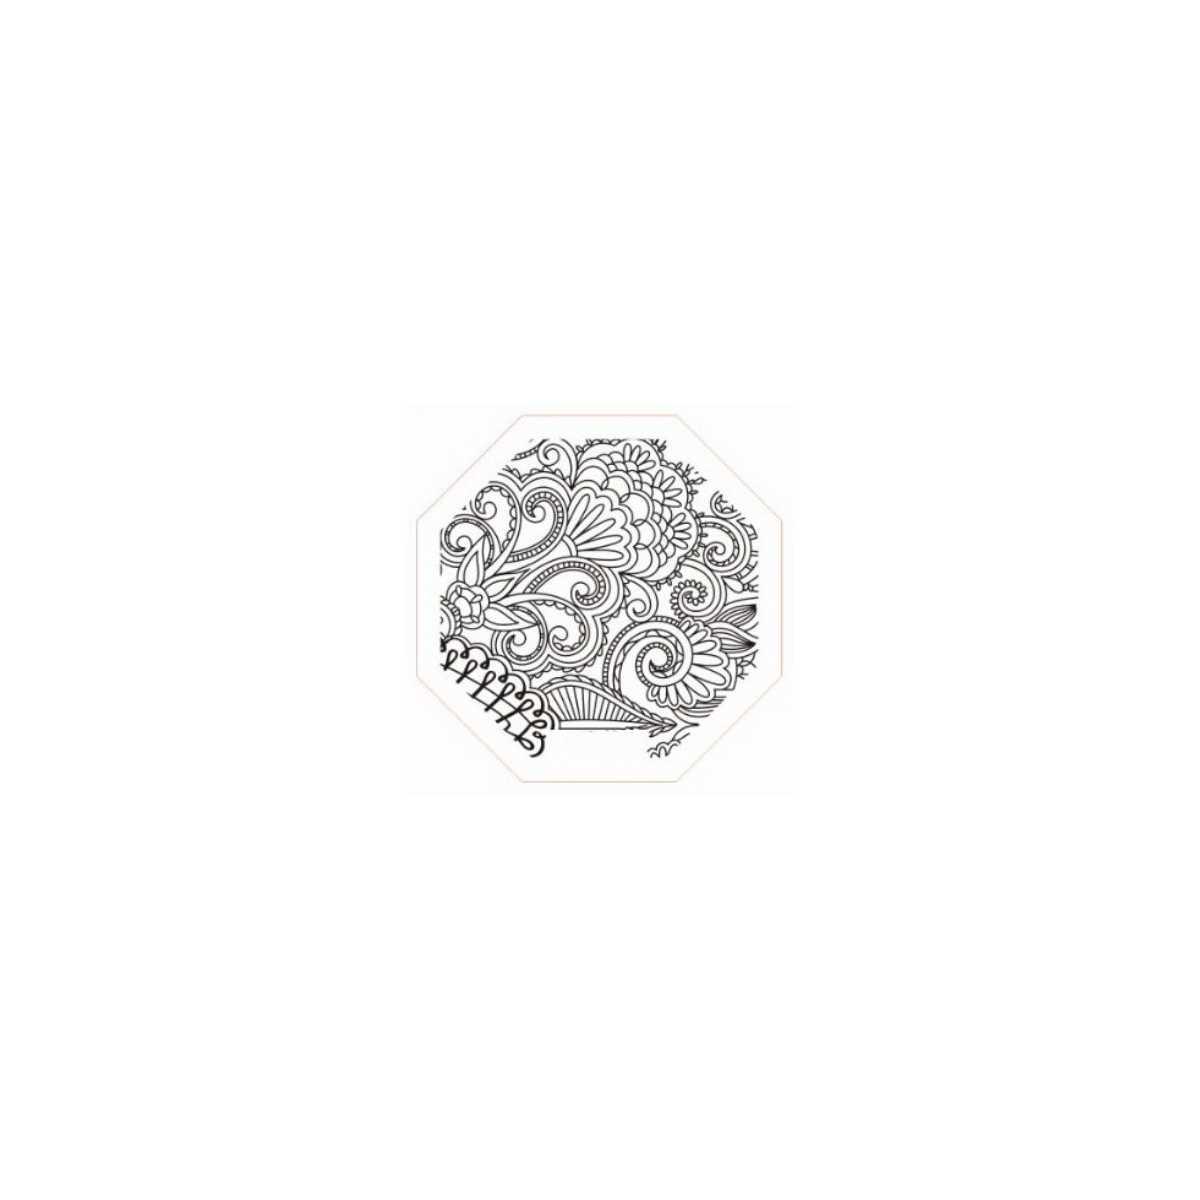 https://www.kit-manucure.com/2160-thickbox_default/plaque-de-stamping-motifs-arabesque-et-végétation.jpg